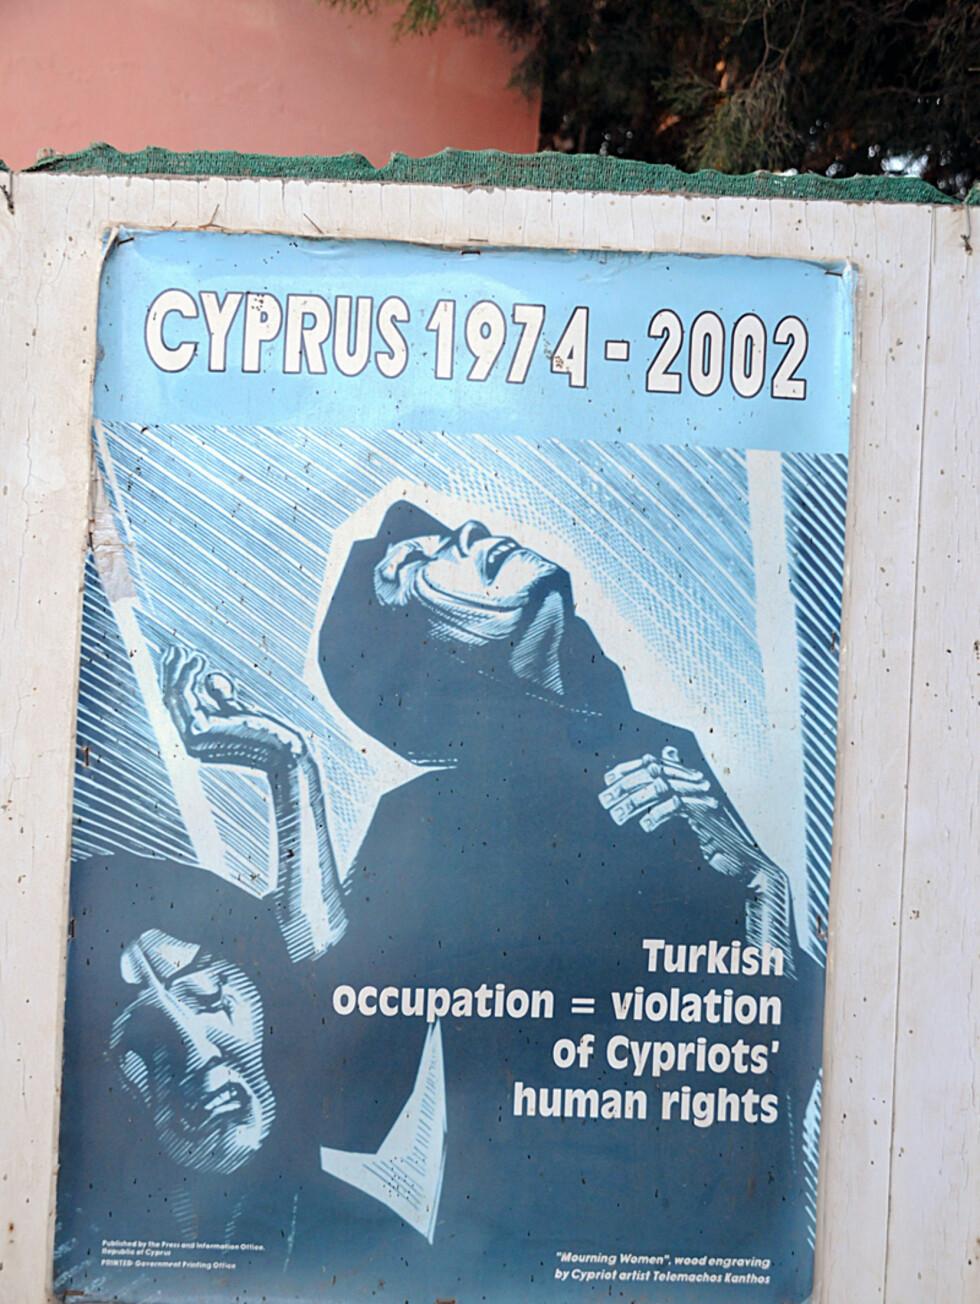 Etter den tyrkiske invasjonen i 1974 har Famgusta ligget øde. Motsetningene mellom kyproiter og den tyrkiske befolkningen er fortsatt stor mange steder. Foto: Hans Kristian Krogh-Hanssen